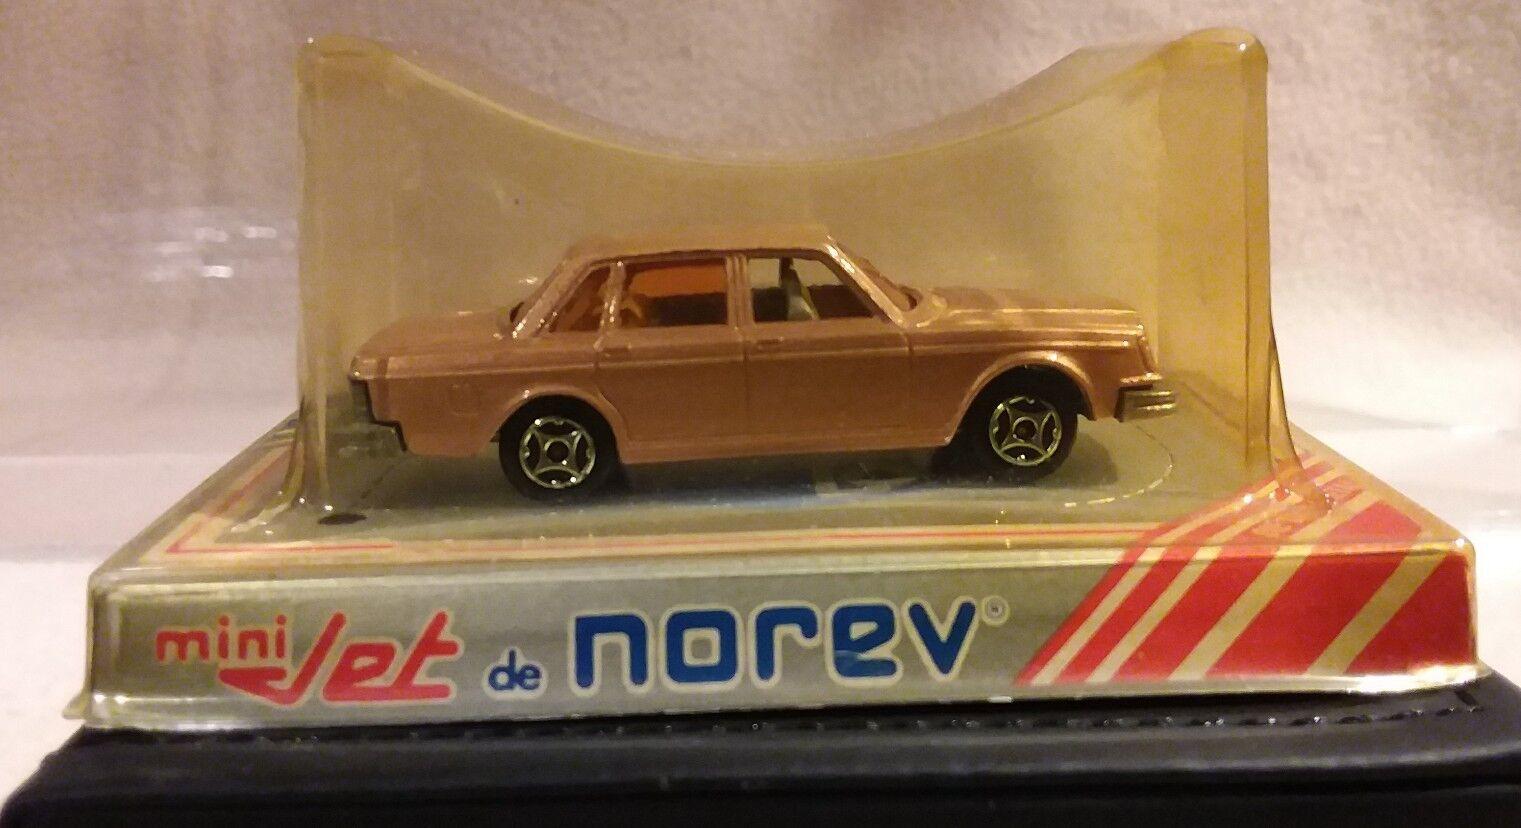 Mini Jet Norev Volvo 423 Sellado En En En Caja 1967 3830c1